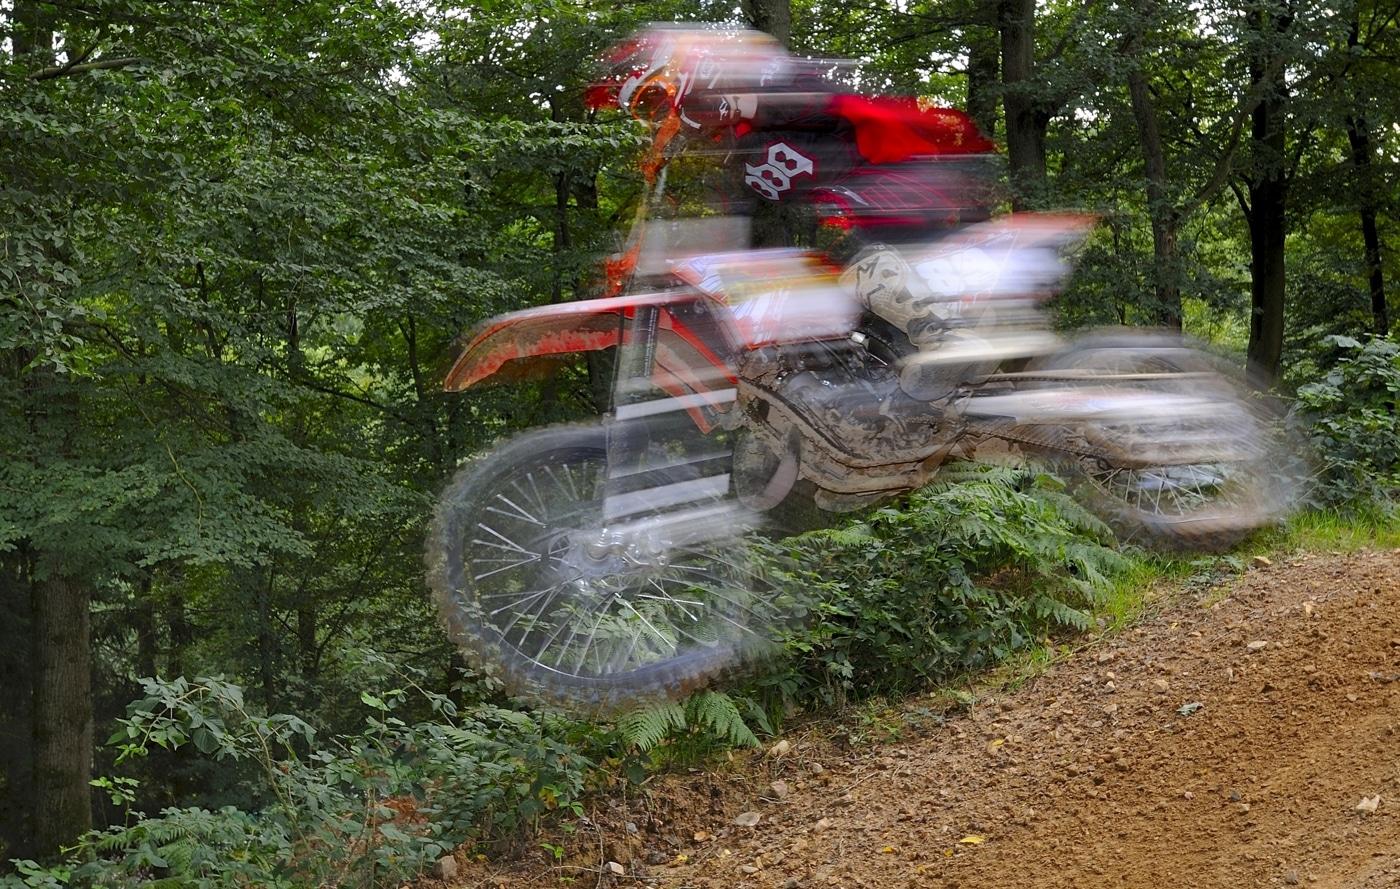 Annahme: Motocross | © Rainer Busch